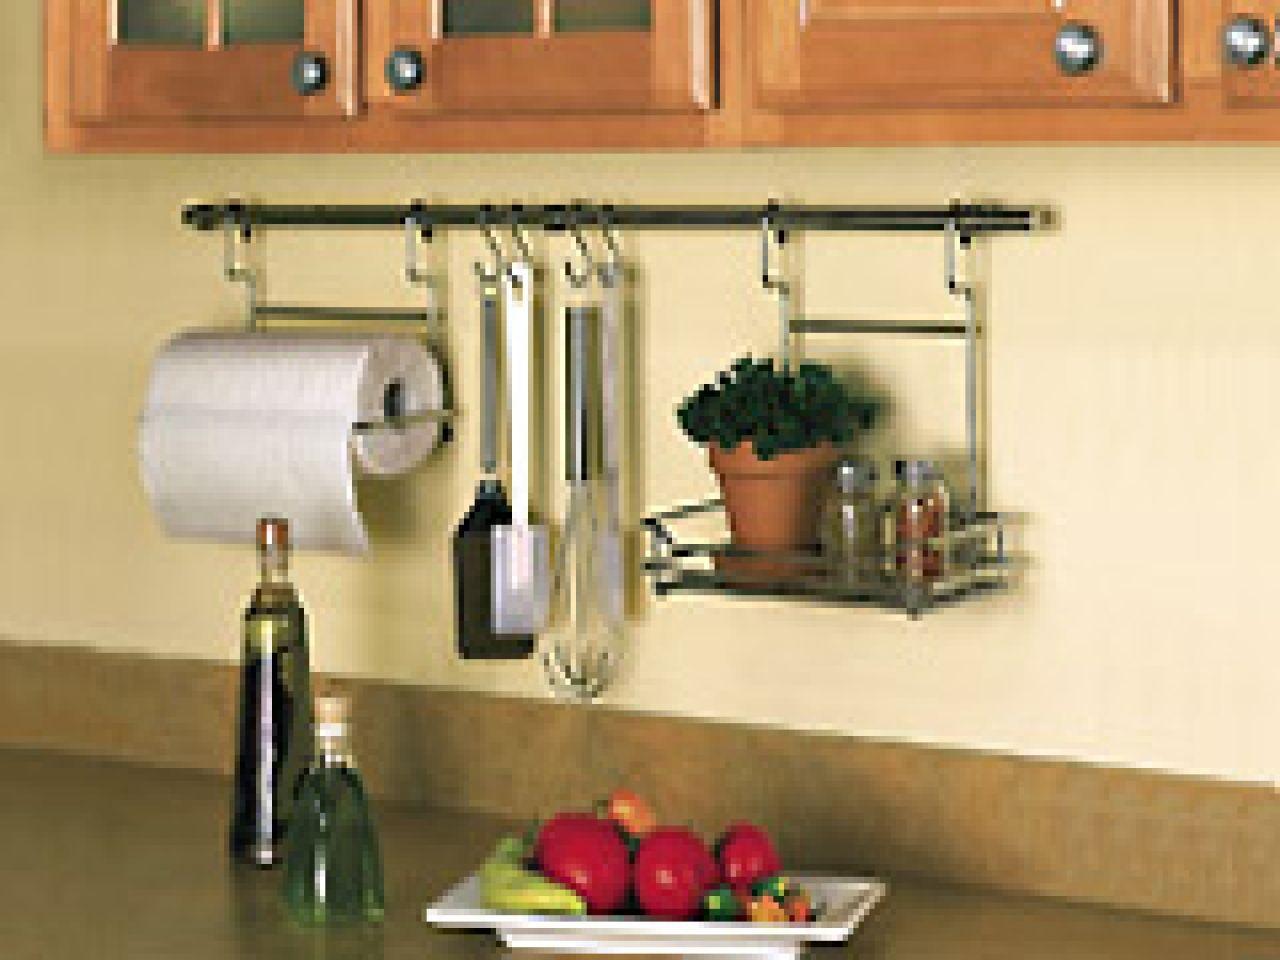 Küchenideen für wohnmobile küchentisch lagerung küche dies ist die neueste informationen auf